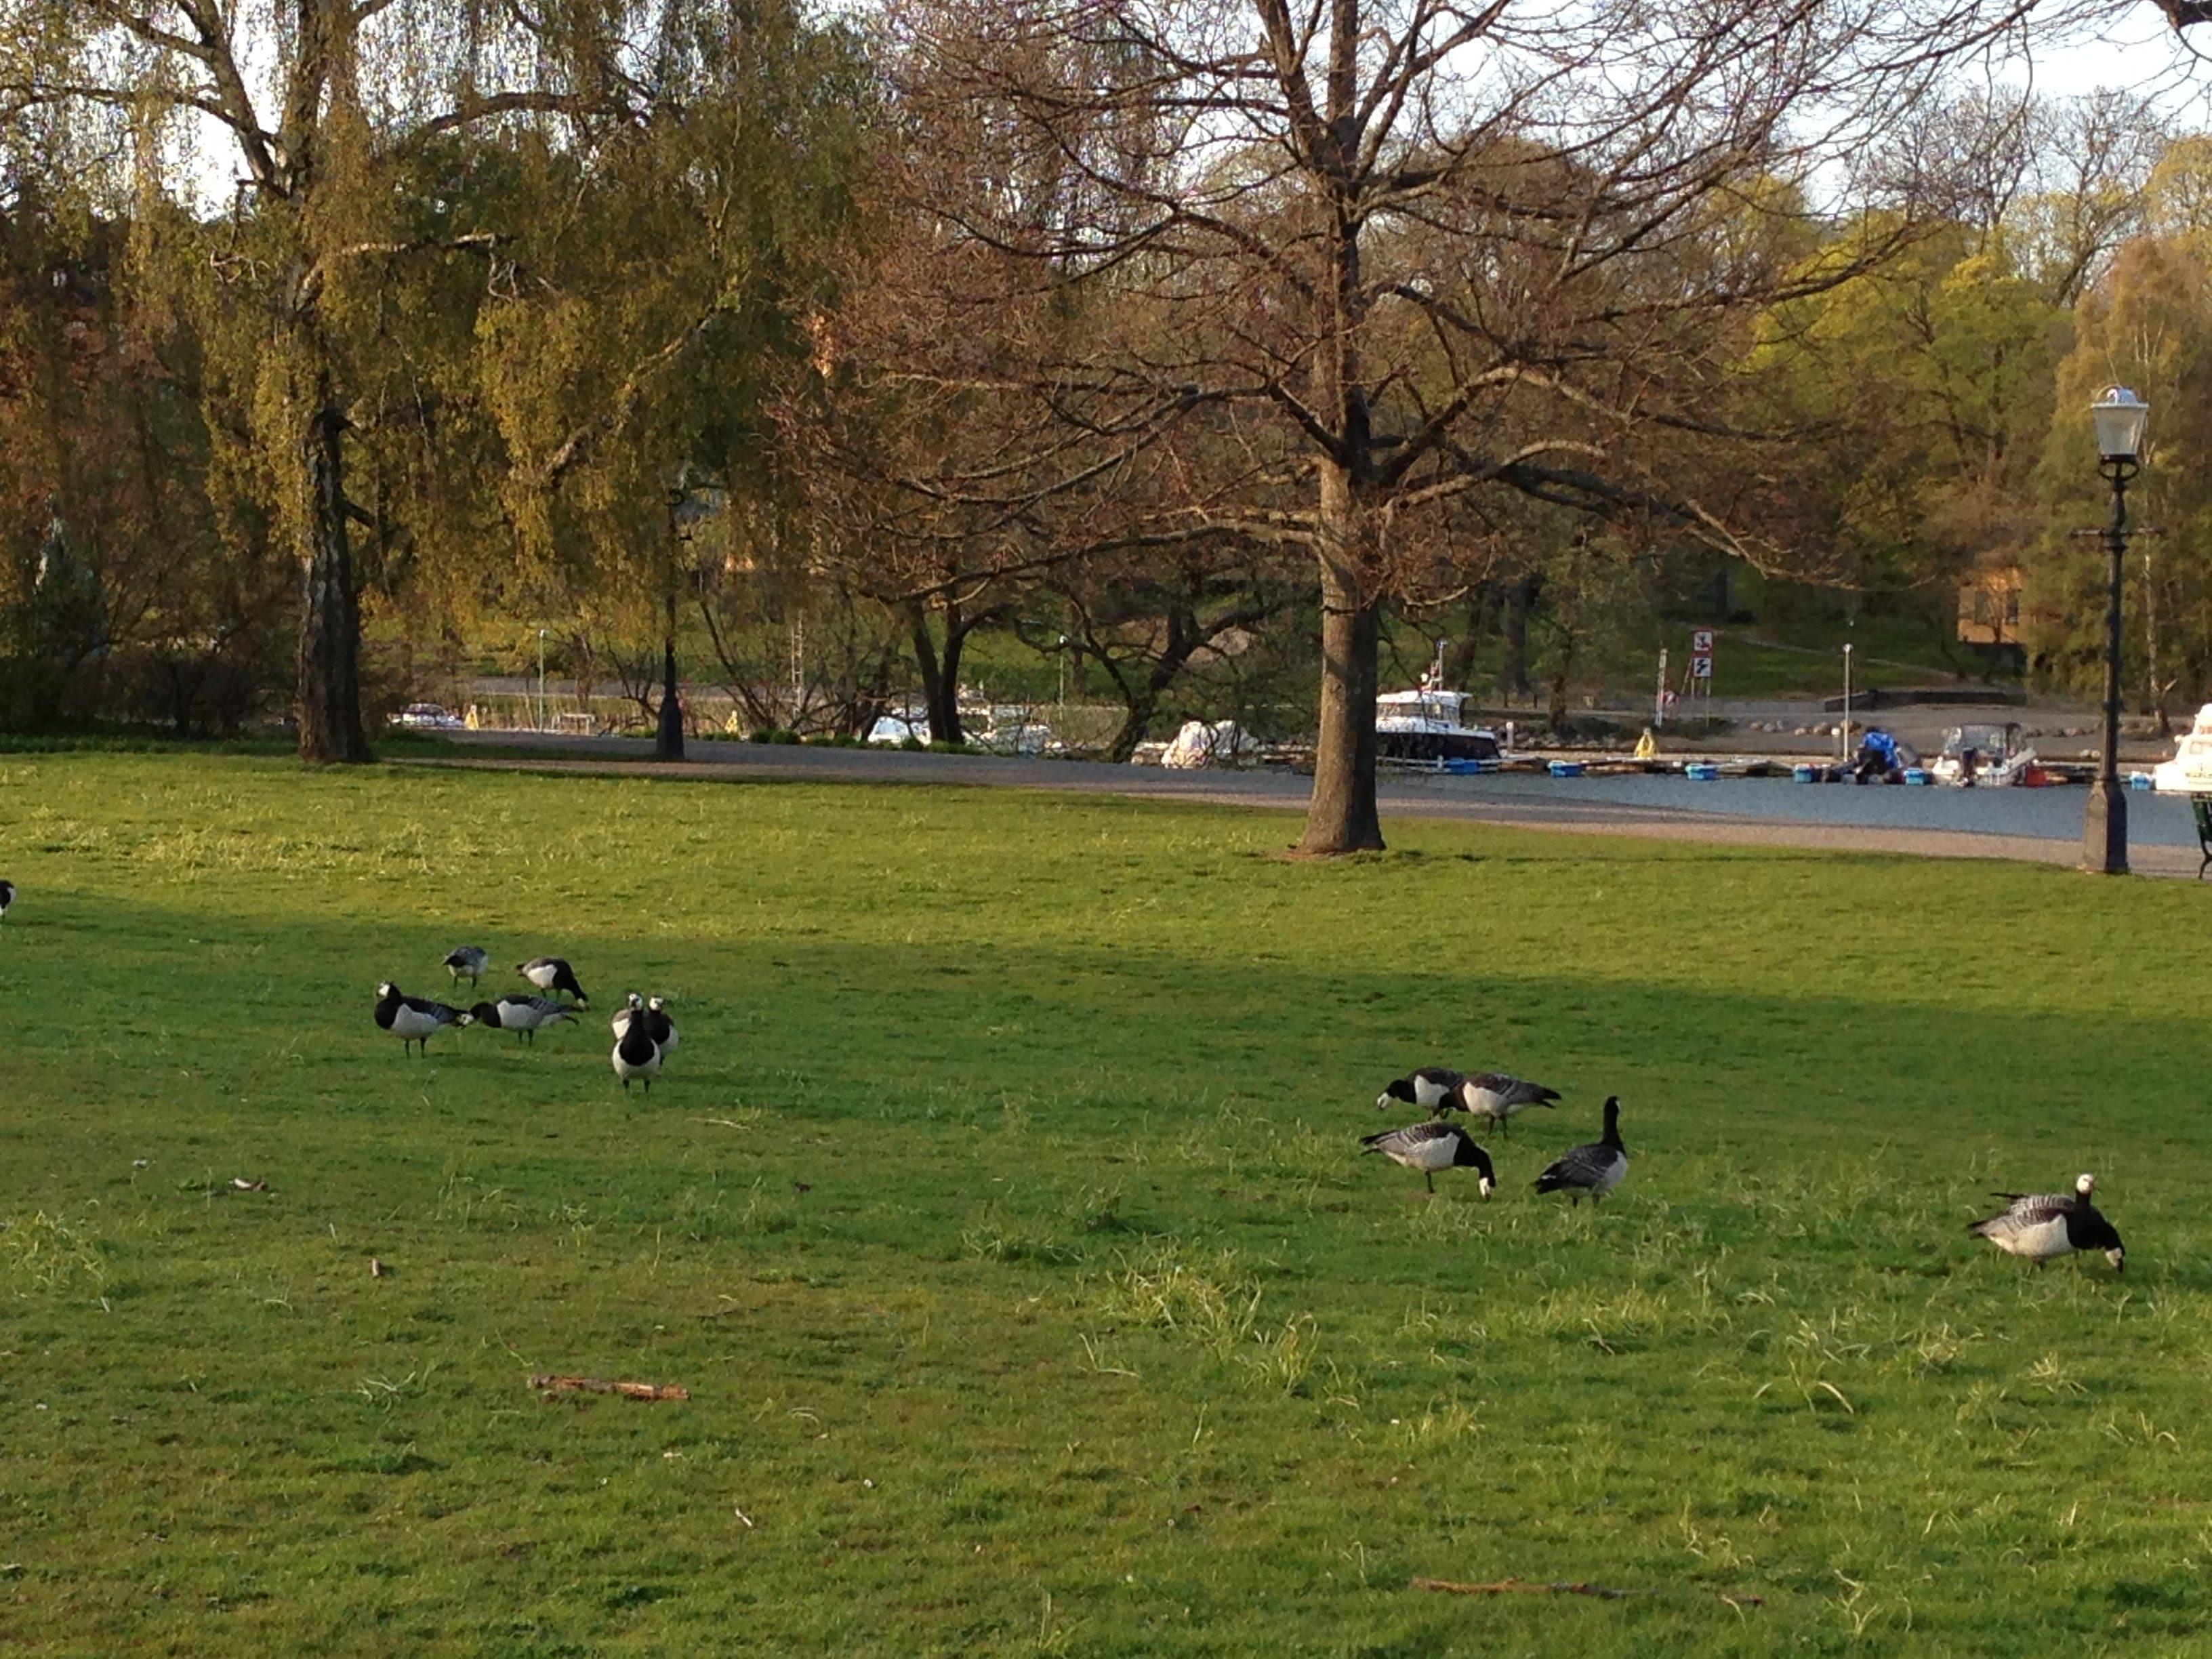 The green pastures of Djurgården in Stockholm